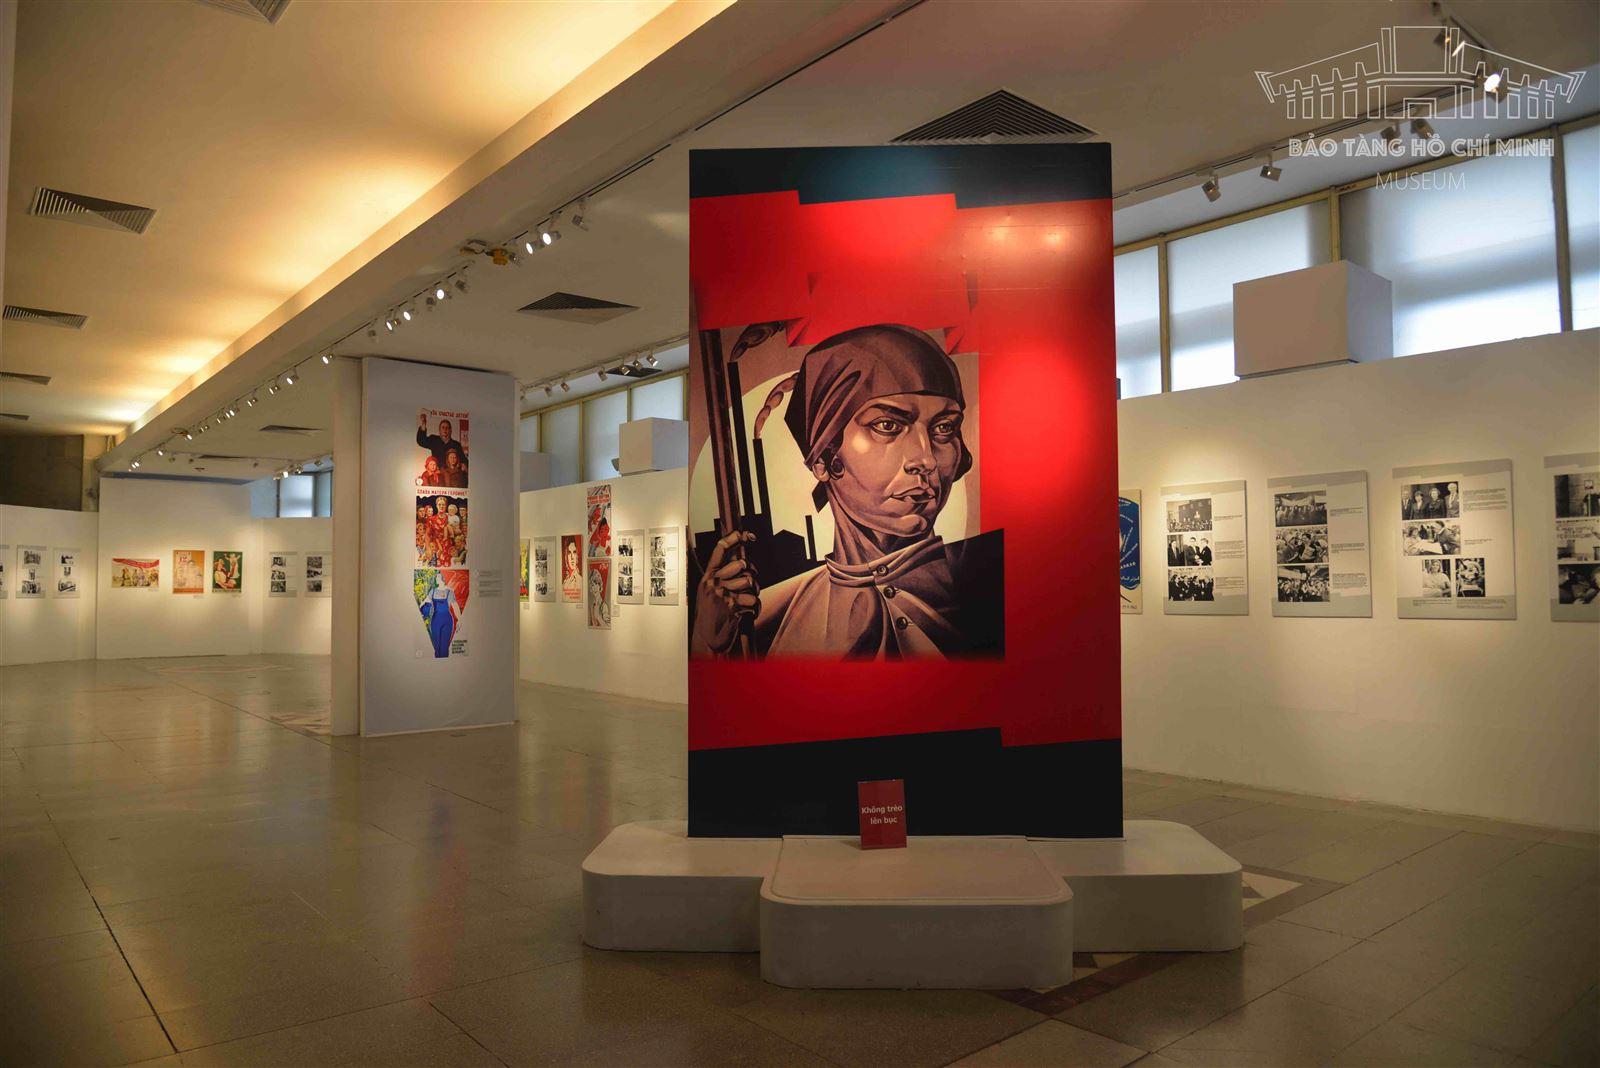 """[Ảnh] Triển lãm Phụ nữ Xô viết: Người công dân, Người lao động, Người mẹ"""""""